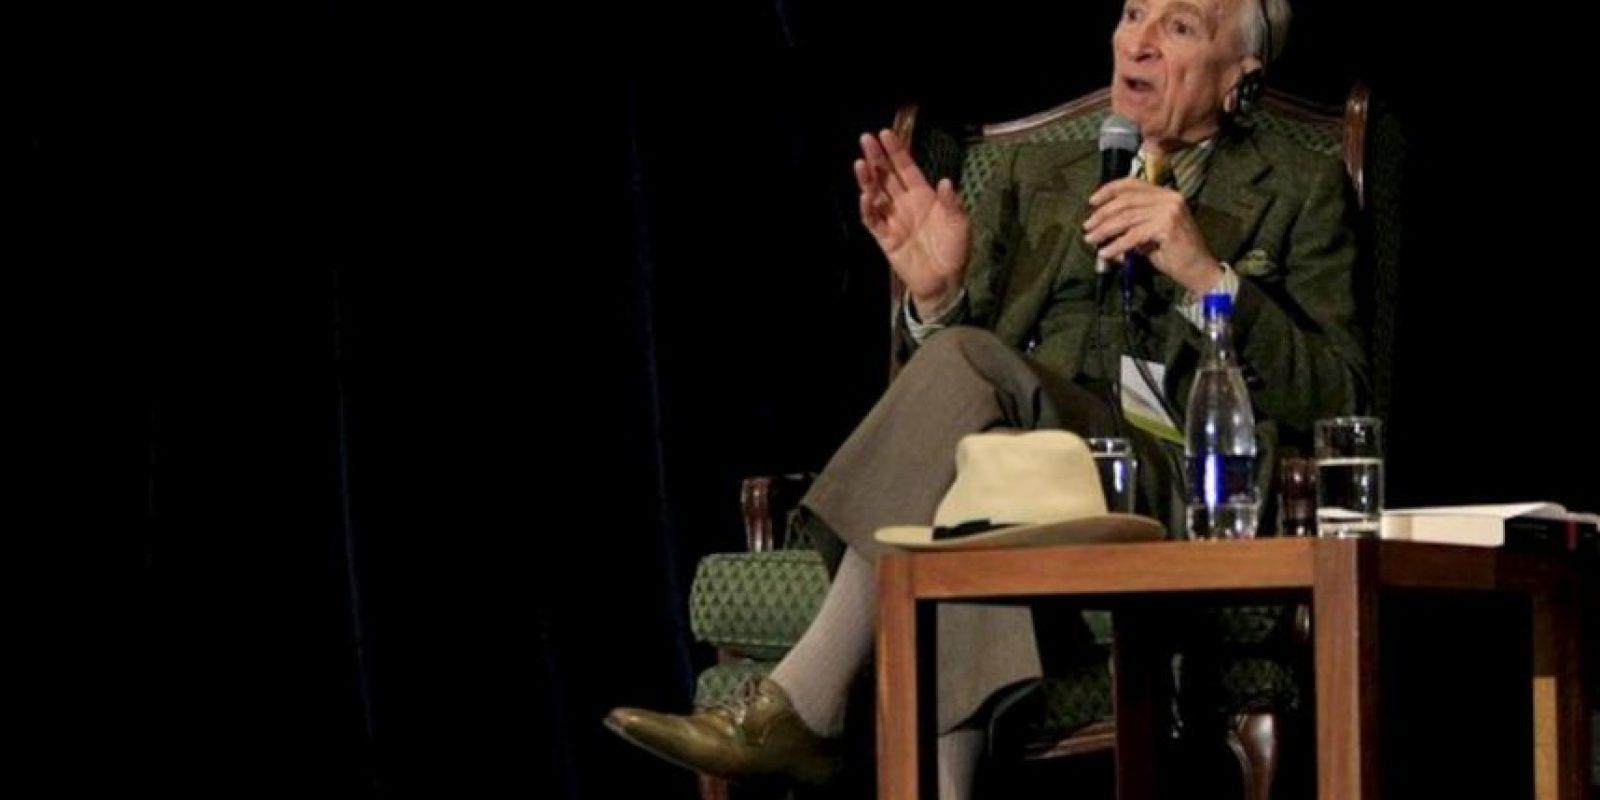 El periodista estadounidense Gay Talese, padre del Nuevo Periodismo junto a Tom Wolfe, habla durante una charla en el marco de la 25 Feria Internacional del Libro de Bogotá (Colombia). EFE